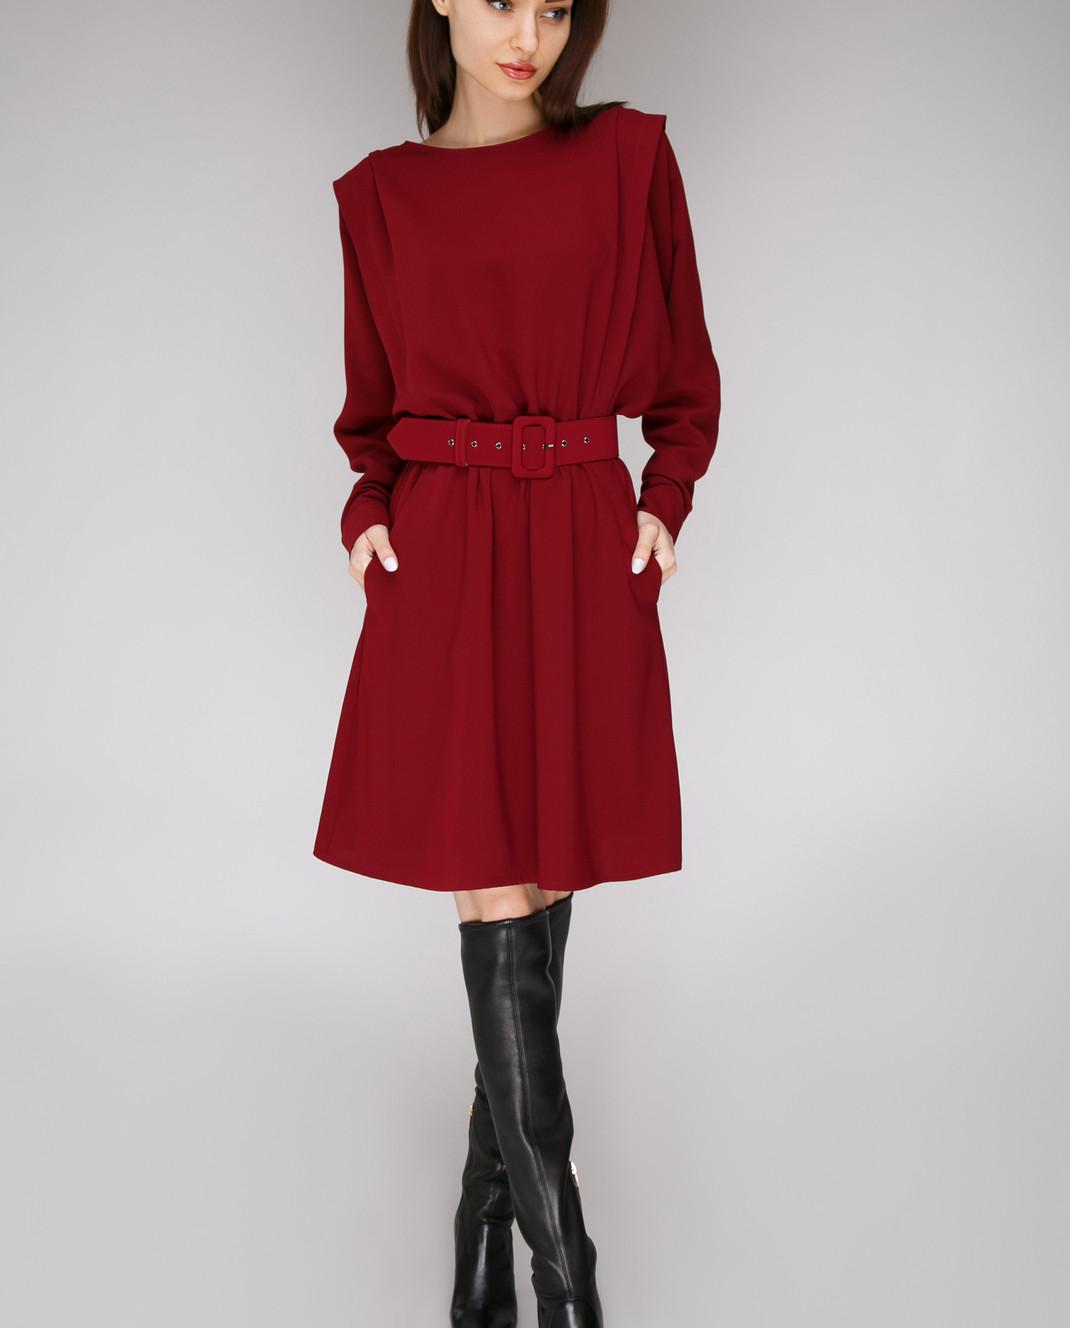 Alexander Terekhov Бордовое платье из шелка D7888007 изображение 2